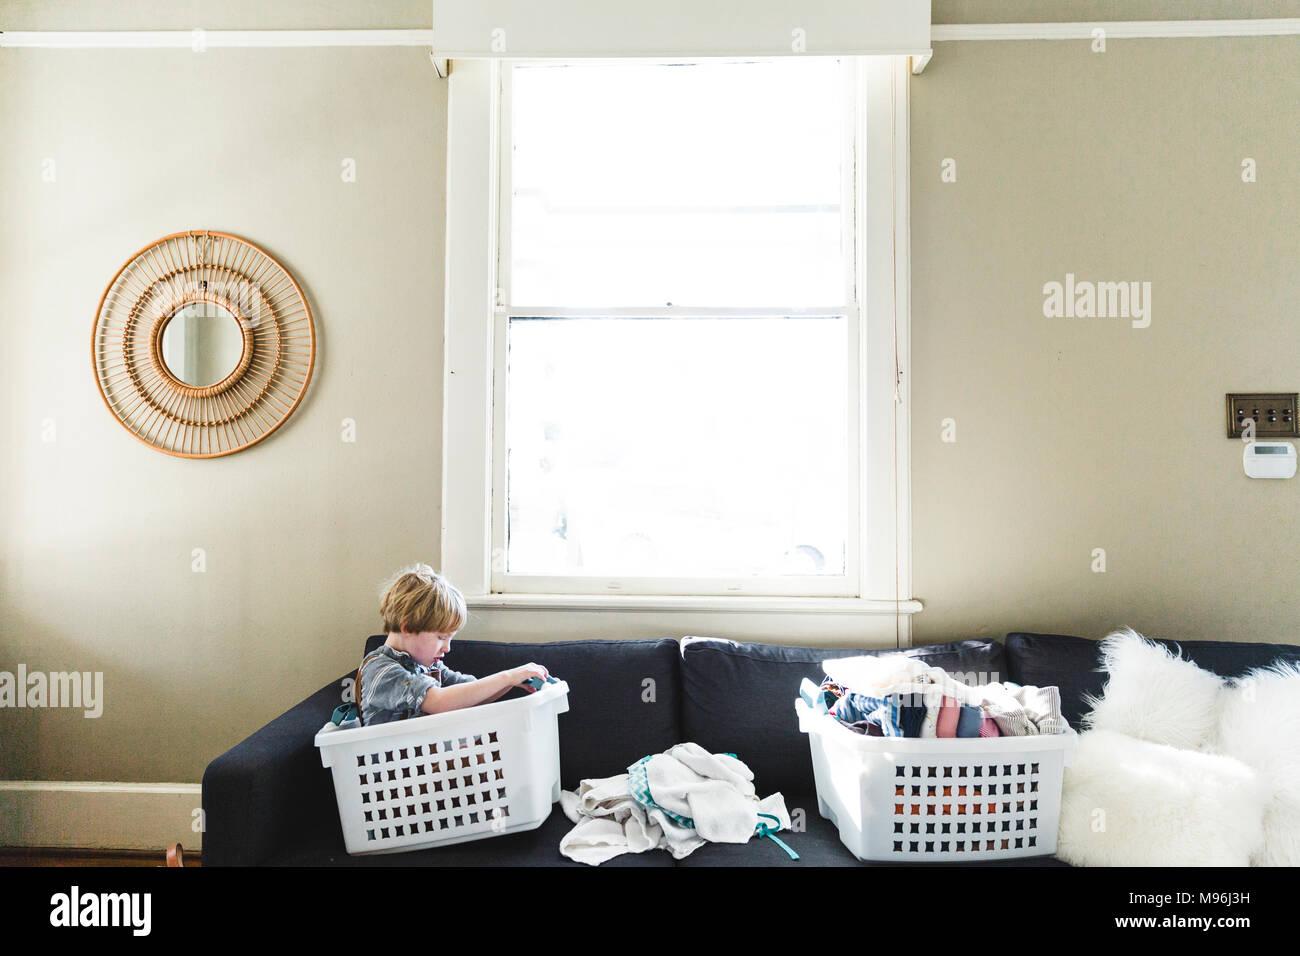 Boy sitting in laundry basket on sofa - Stock Image